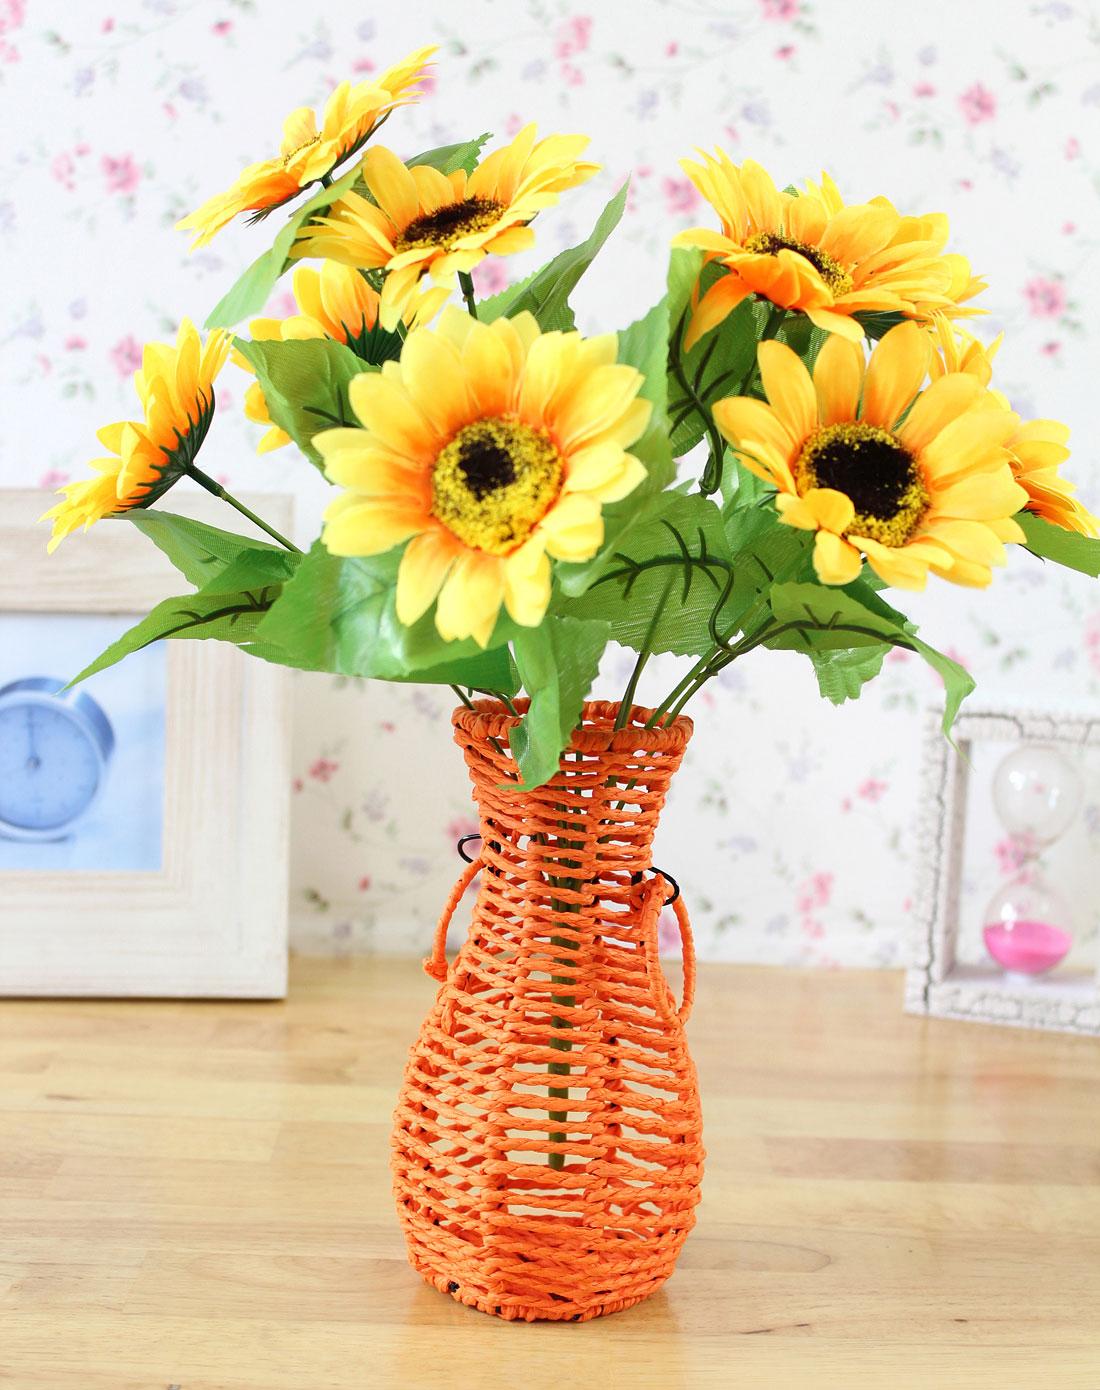 纸艺手编花篮摆件橙色(花瓶含插花)